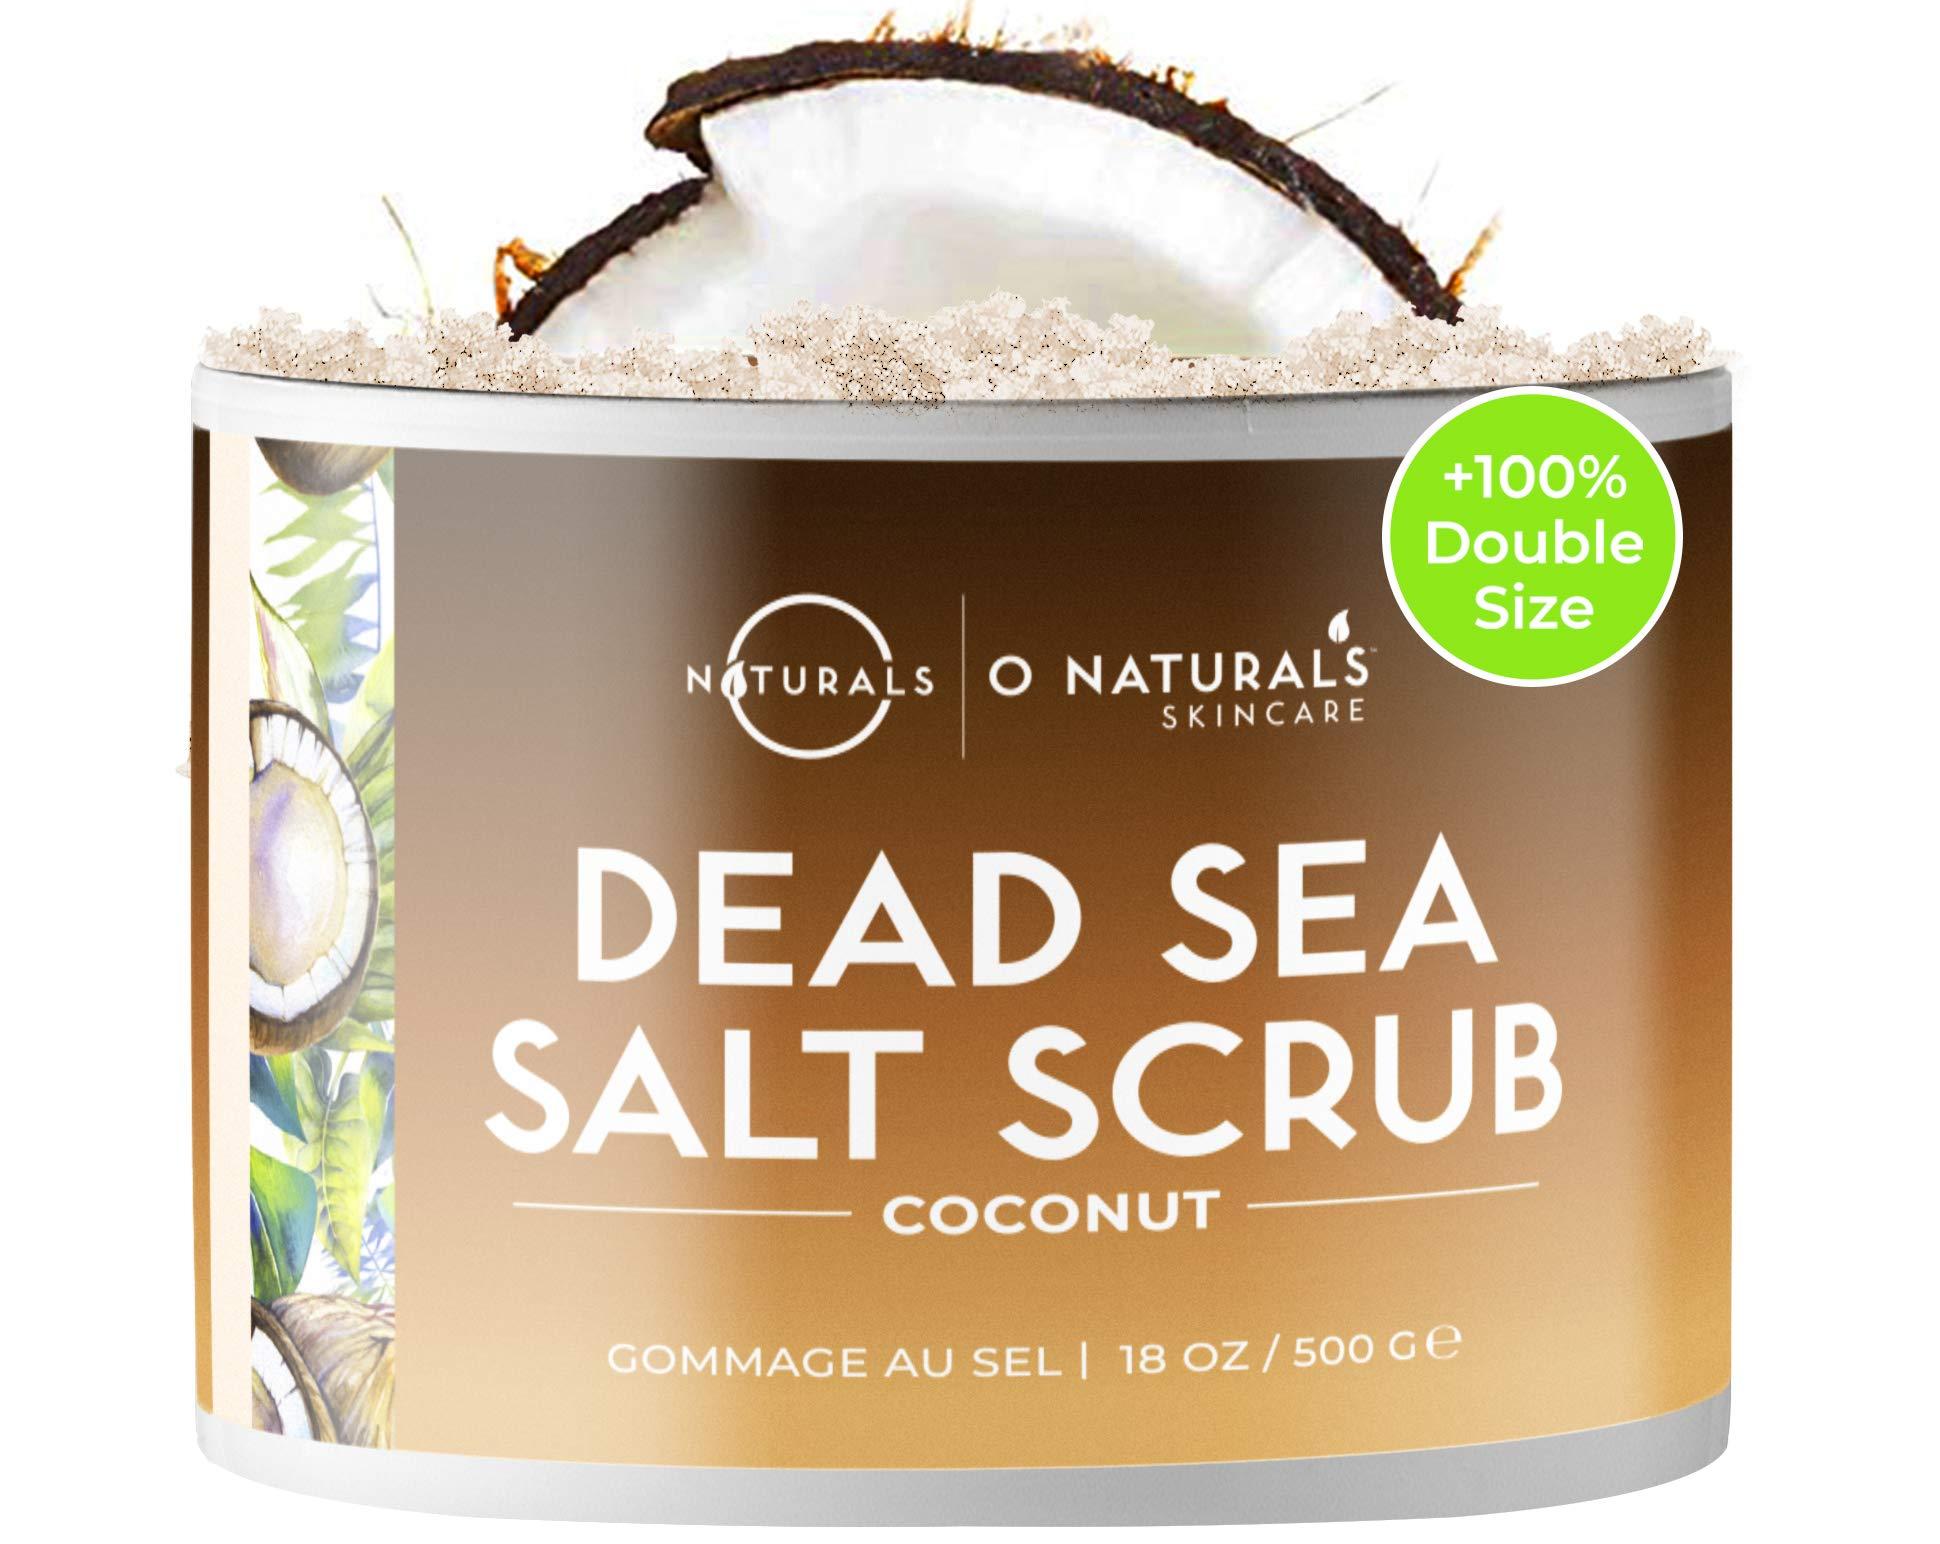 Exfoliante Natural Facial Corporal y Pies Sal Mar Muerto Al Aceite de Coco Anticelulítico Reafirmante Drenaje Hidratante…